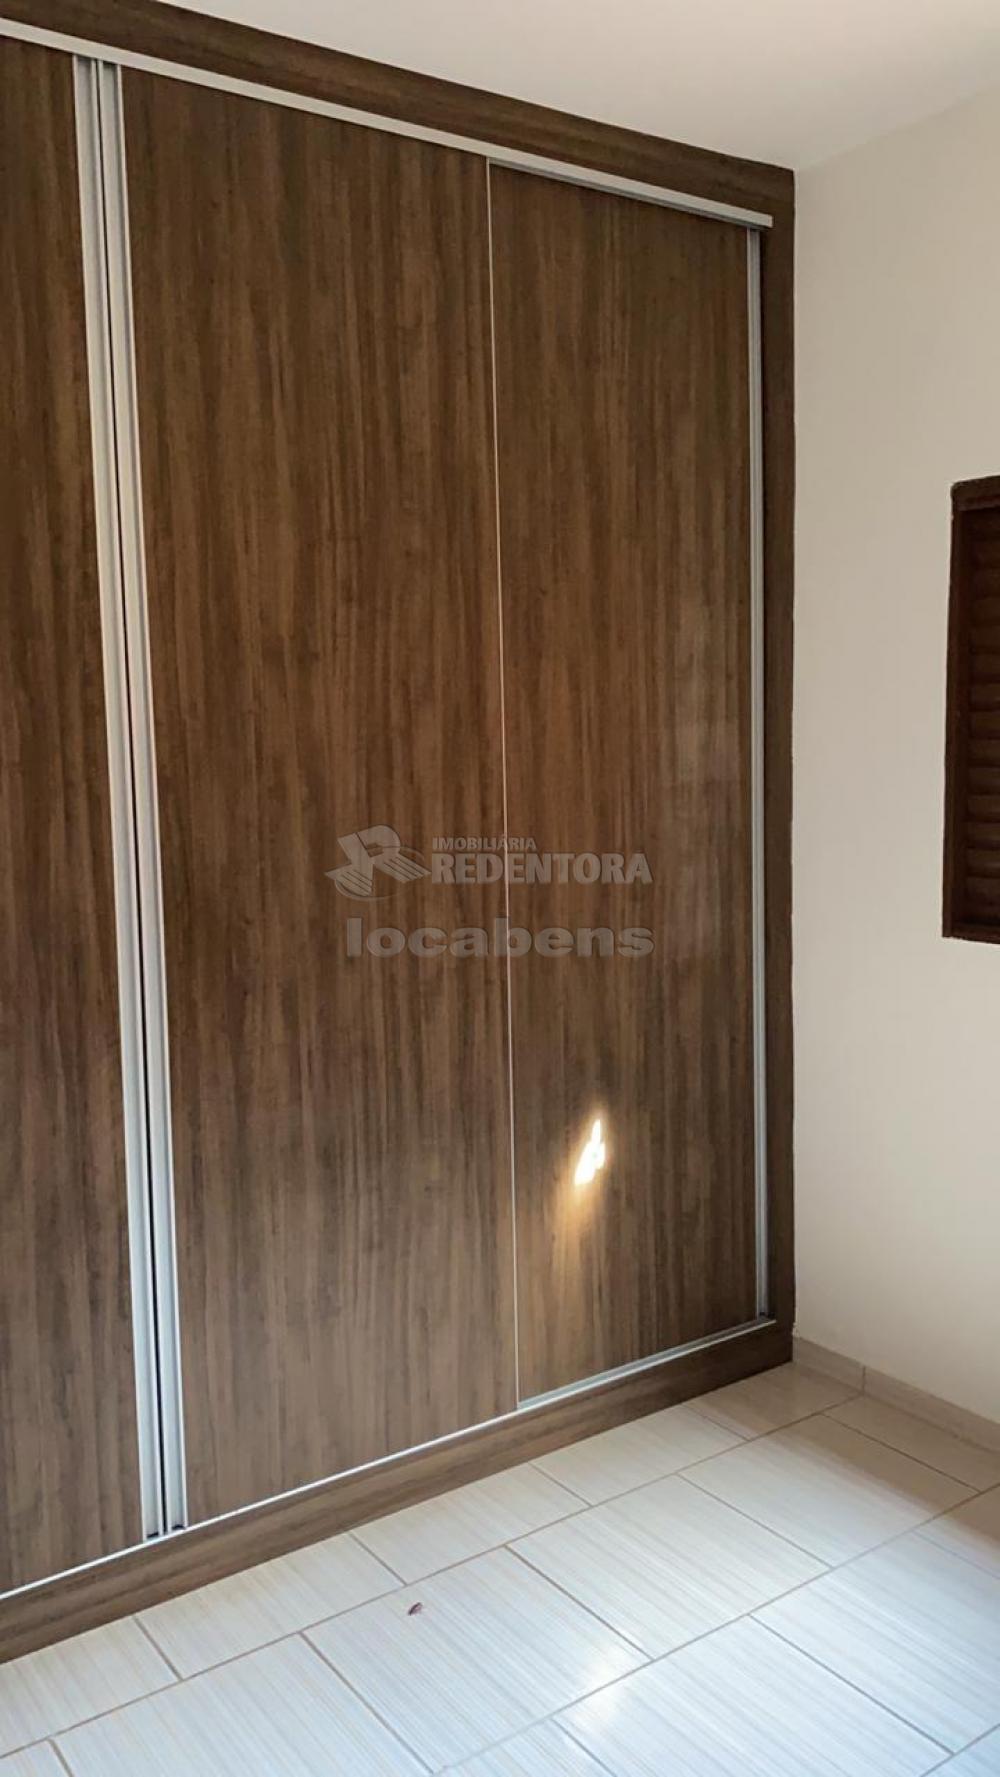 Comprar Casa / Padrão em São José do Rio Preto apenas R$ 225.000,00 - Foto 16